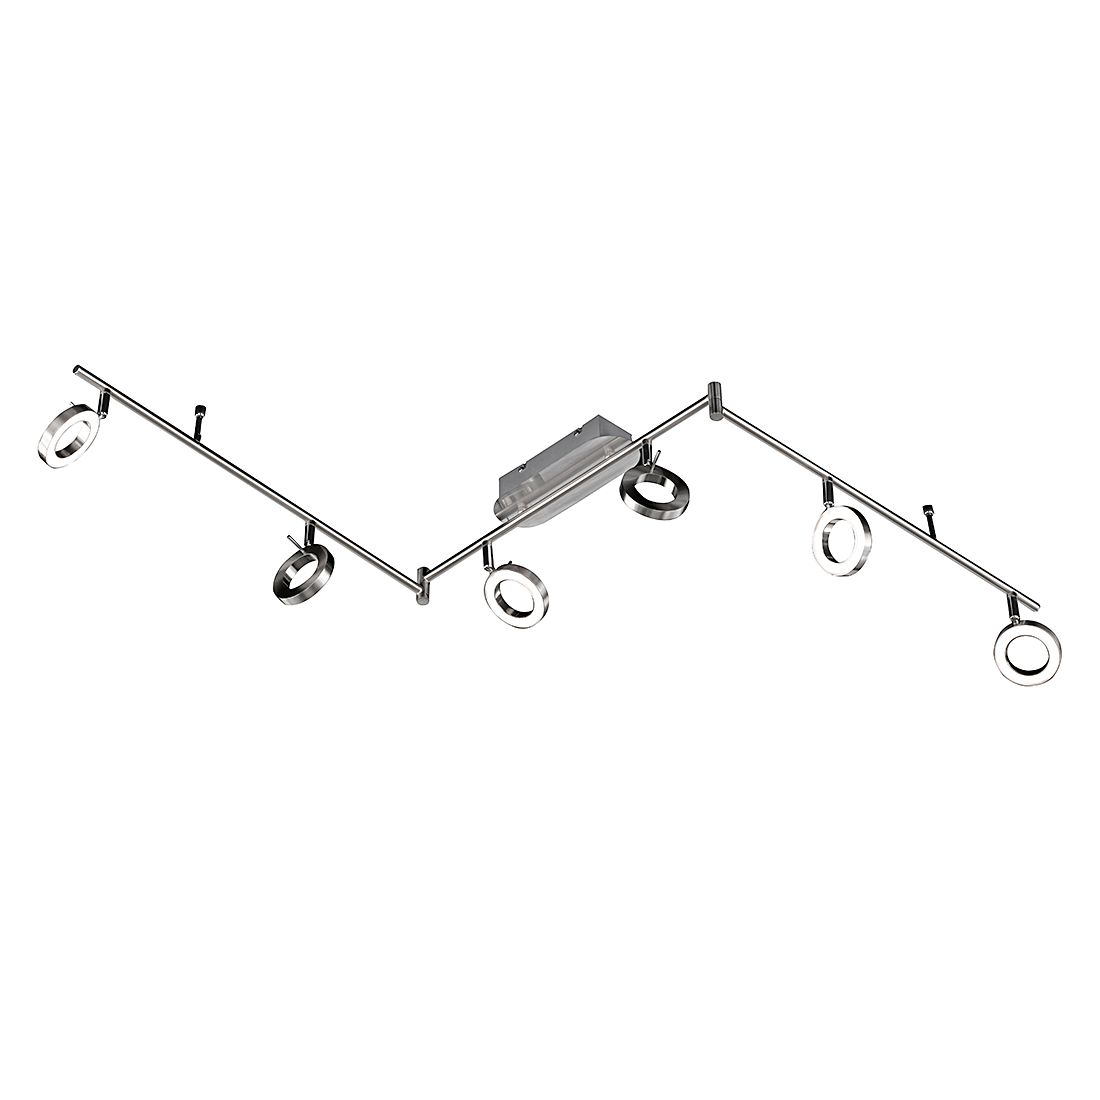 energie A+, Plafondlamp MONZA metaal-kunststof 6 lichtbronnen, Action